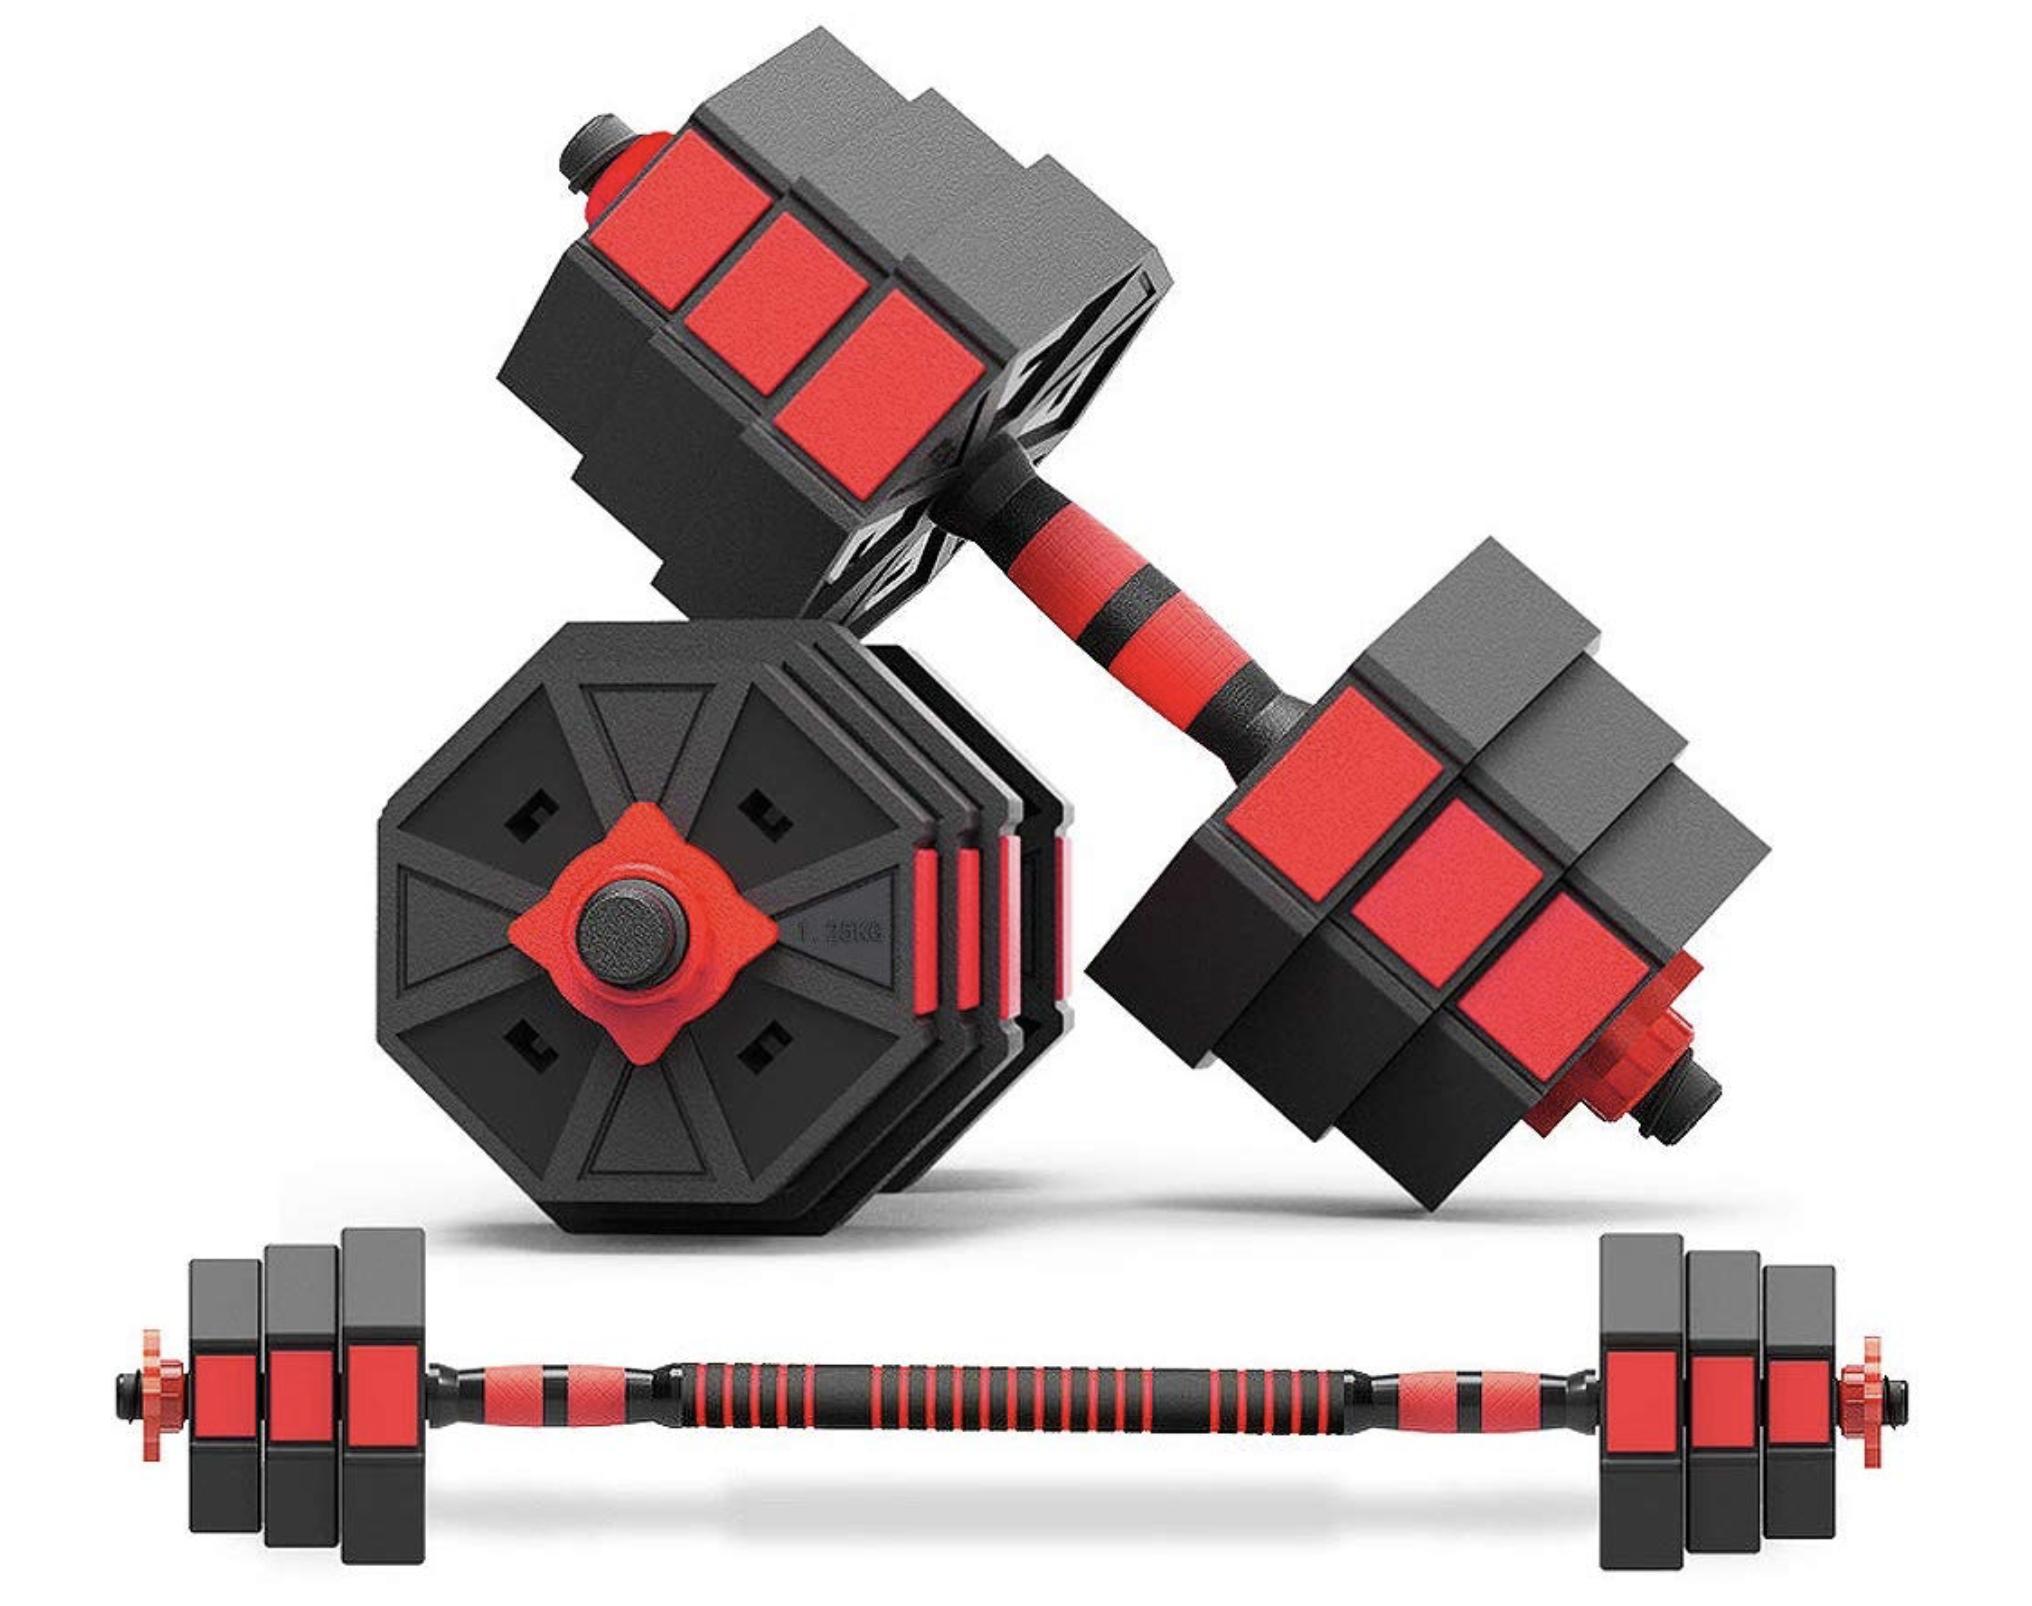 ダンベル 20kg 可変式 八角形構造 【最新進化版・3in1】 バーベルに変更可能 20kgセット(10kgx2) アレー 錆びない Wolfyok 筋トレ アレイ ウェイトトレーニング器具